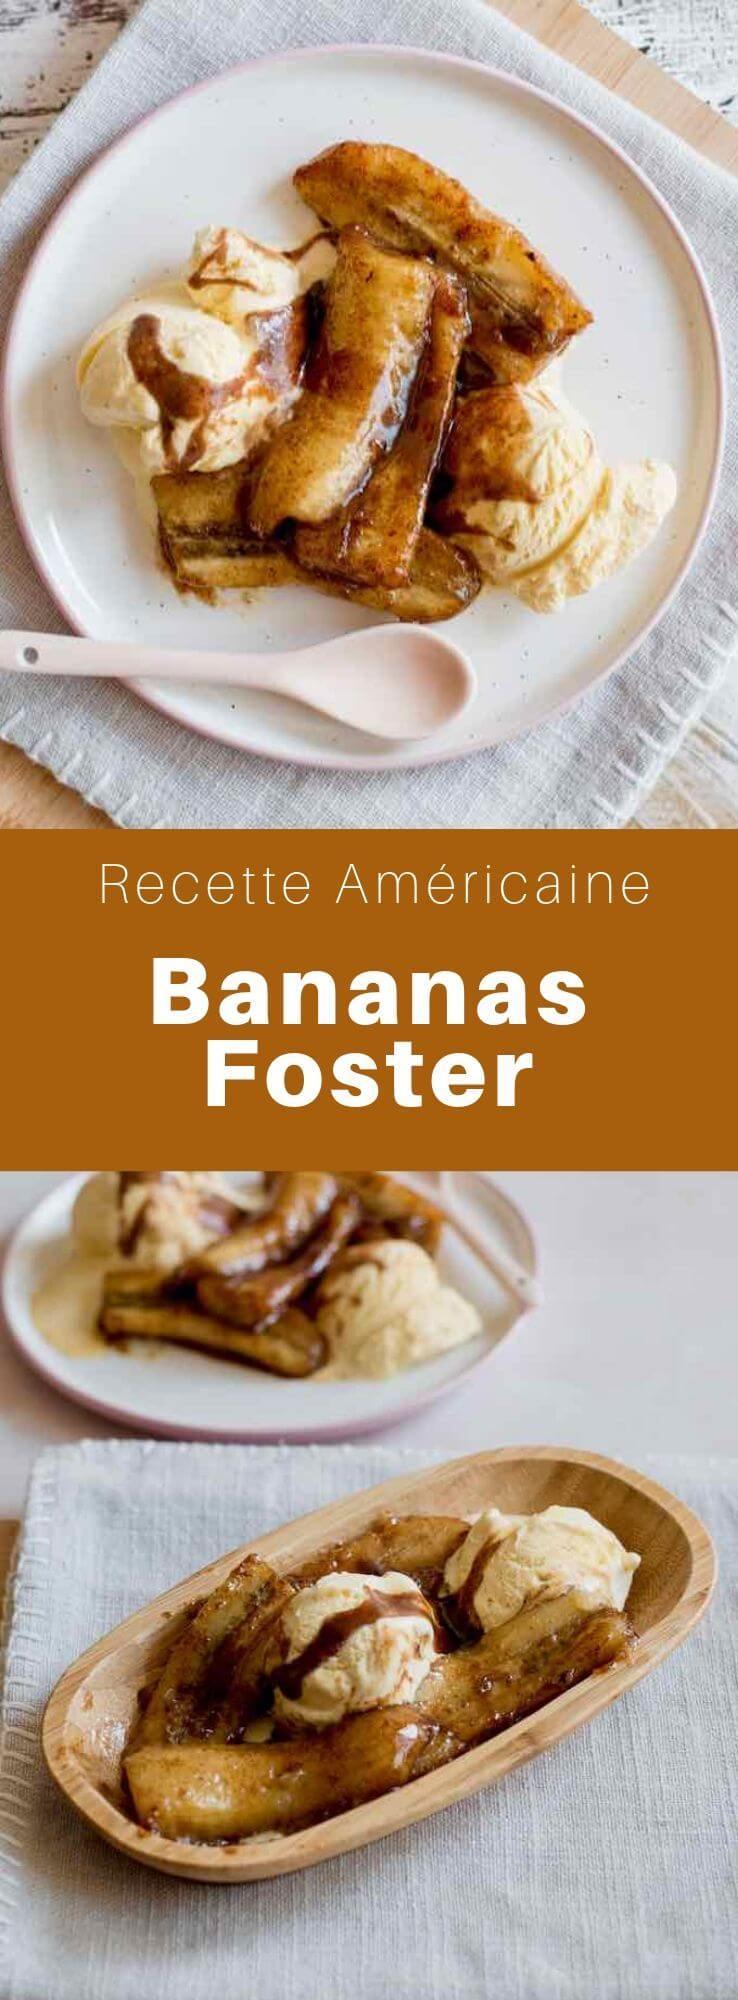 Le bananas foster est un dessert originaire de la Nouvelle Orléans  à base de banane flambées à la liqueur de banane et au rhum et de  glace à la vanille. #RecetteAmericaine #CuisineAmericaine #CuisineDuMonde #196flavors